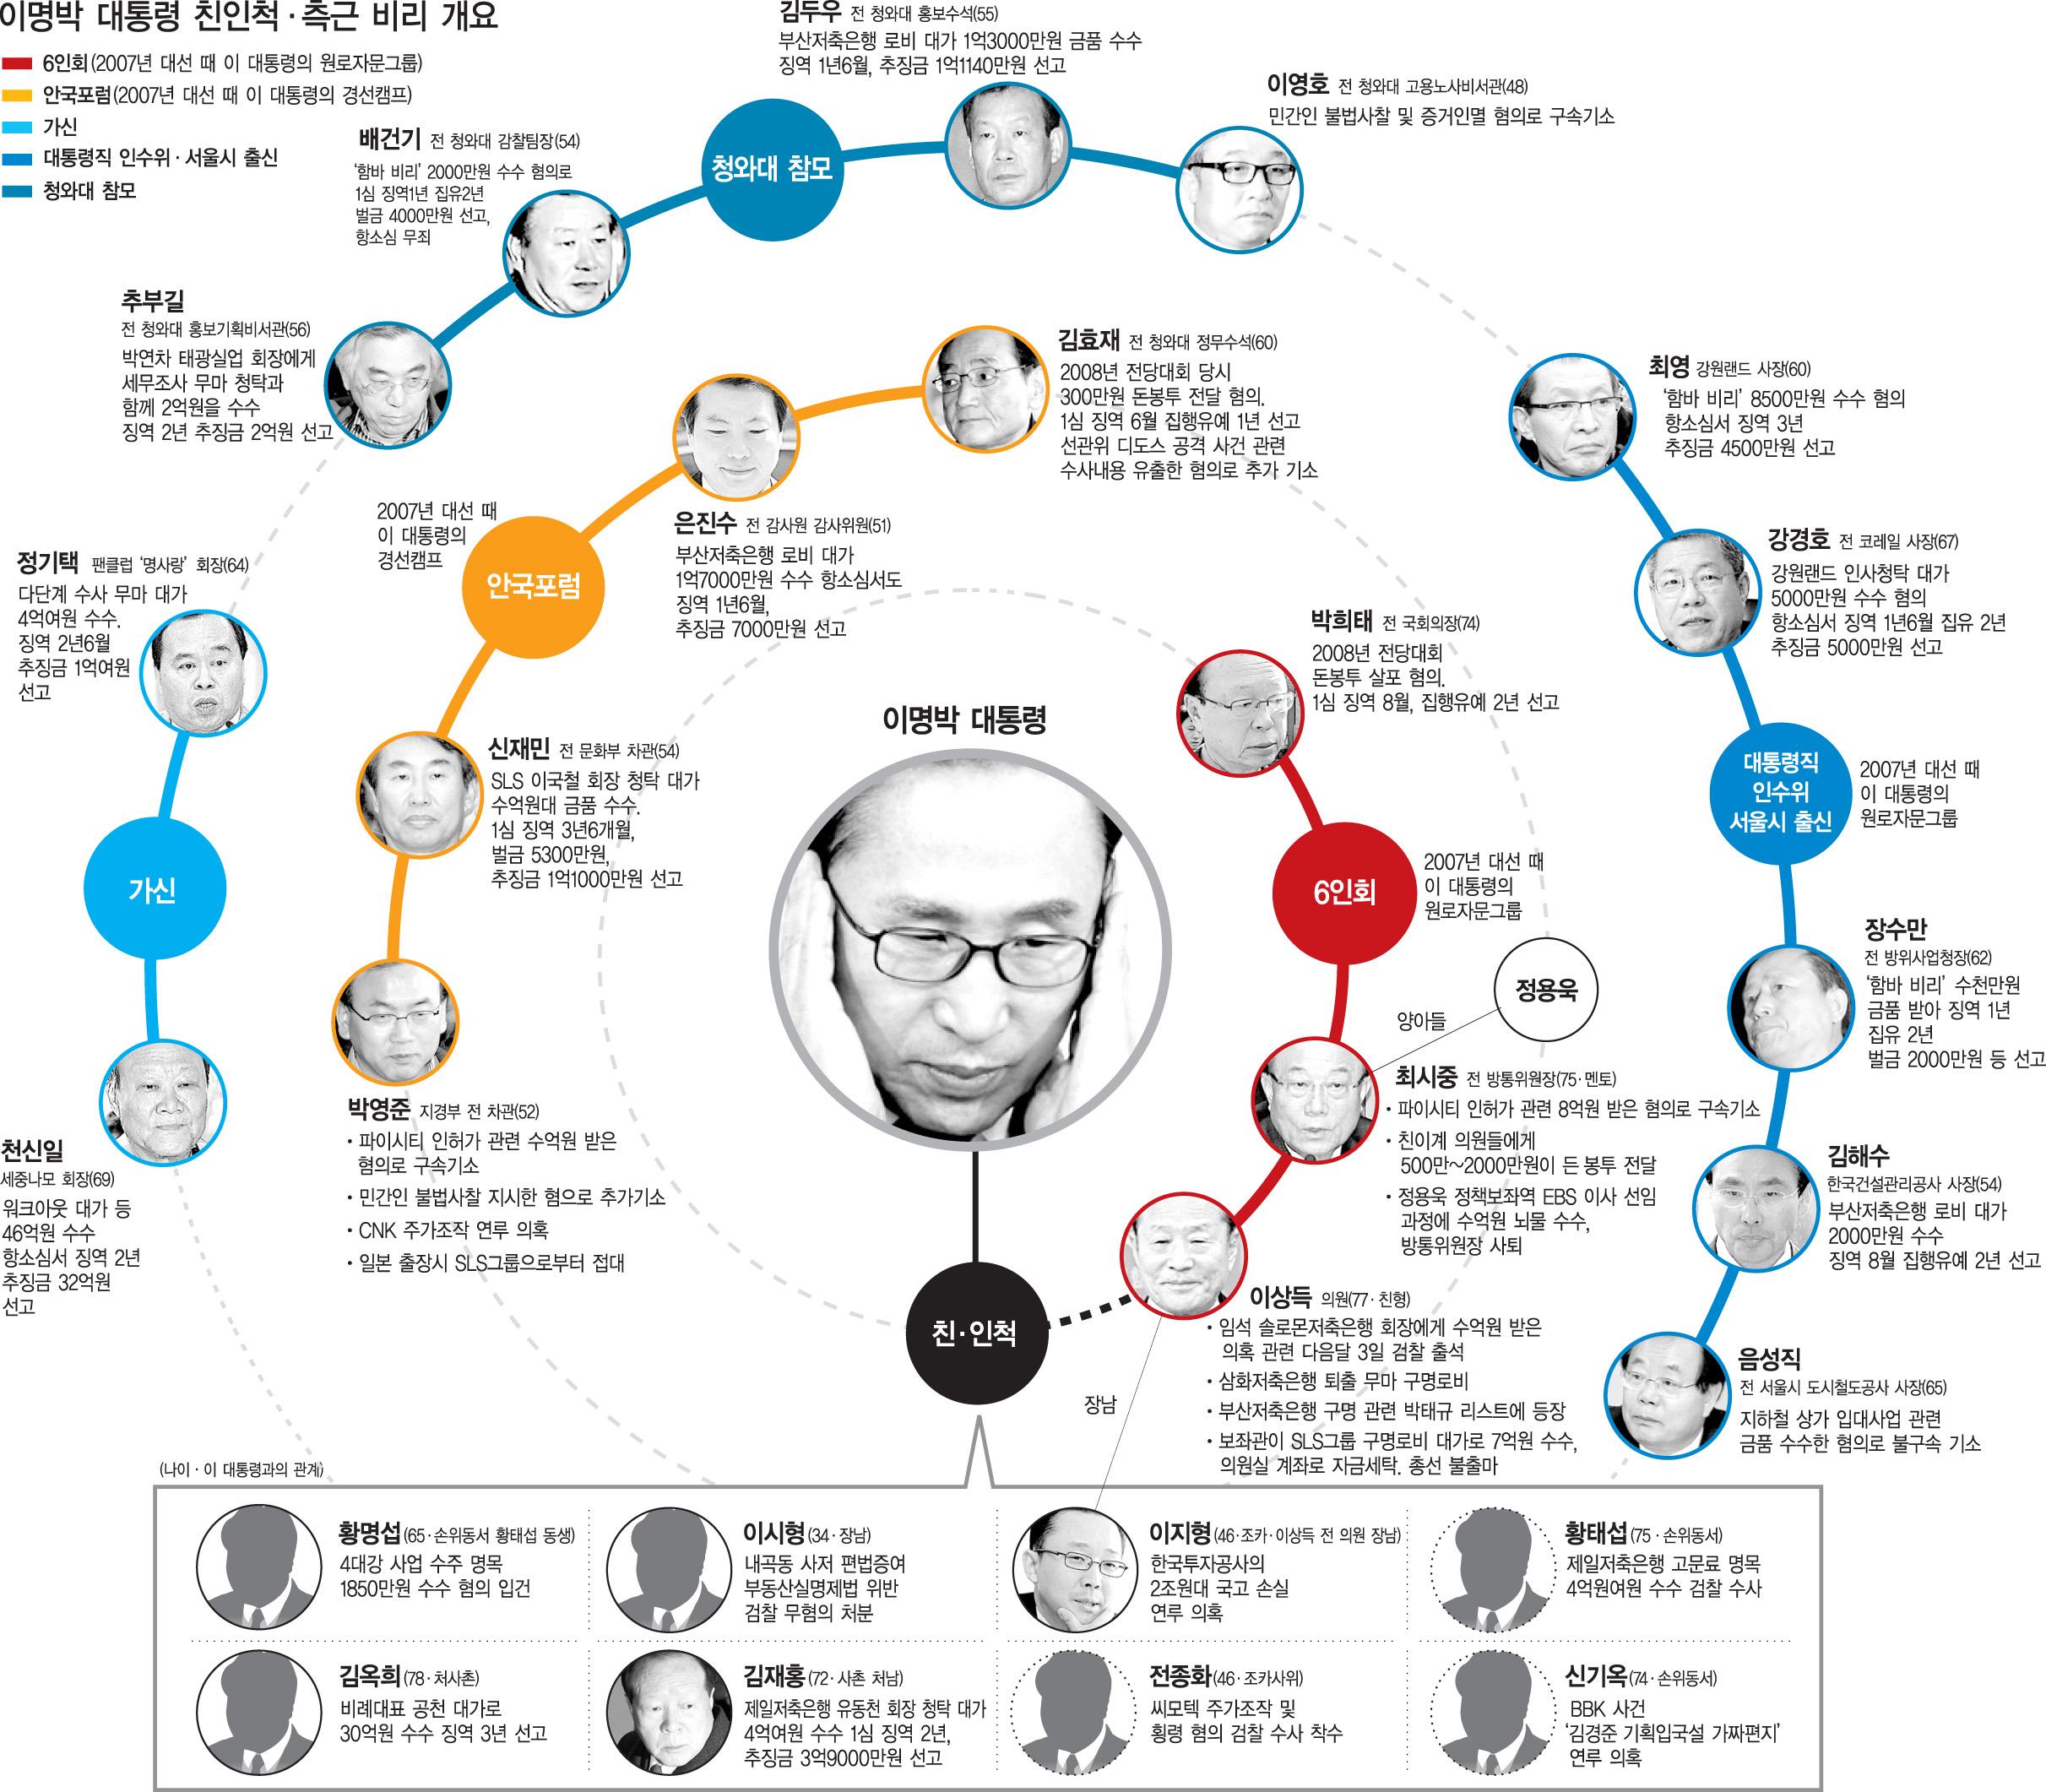 http://img.khan.co.kr/news/2012/06/29/2012063001003931200296771.jpg